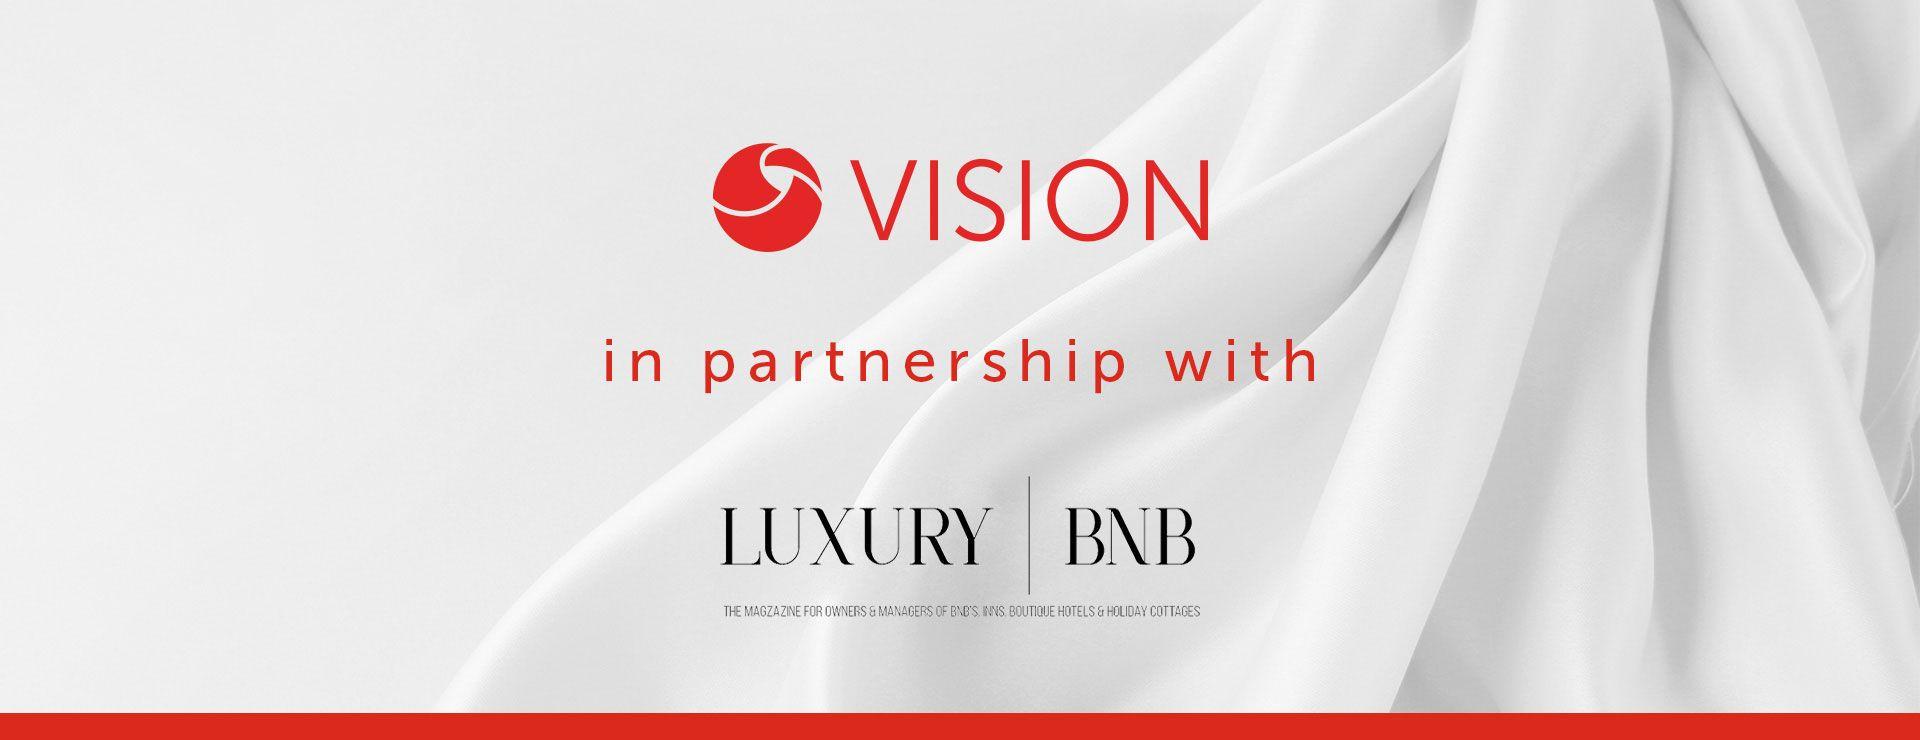 Luxury B and B